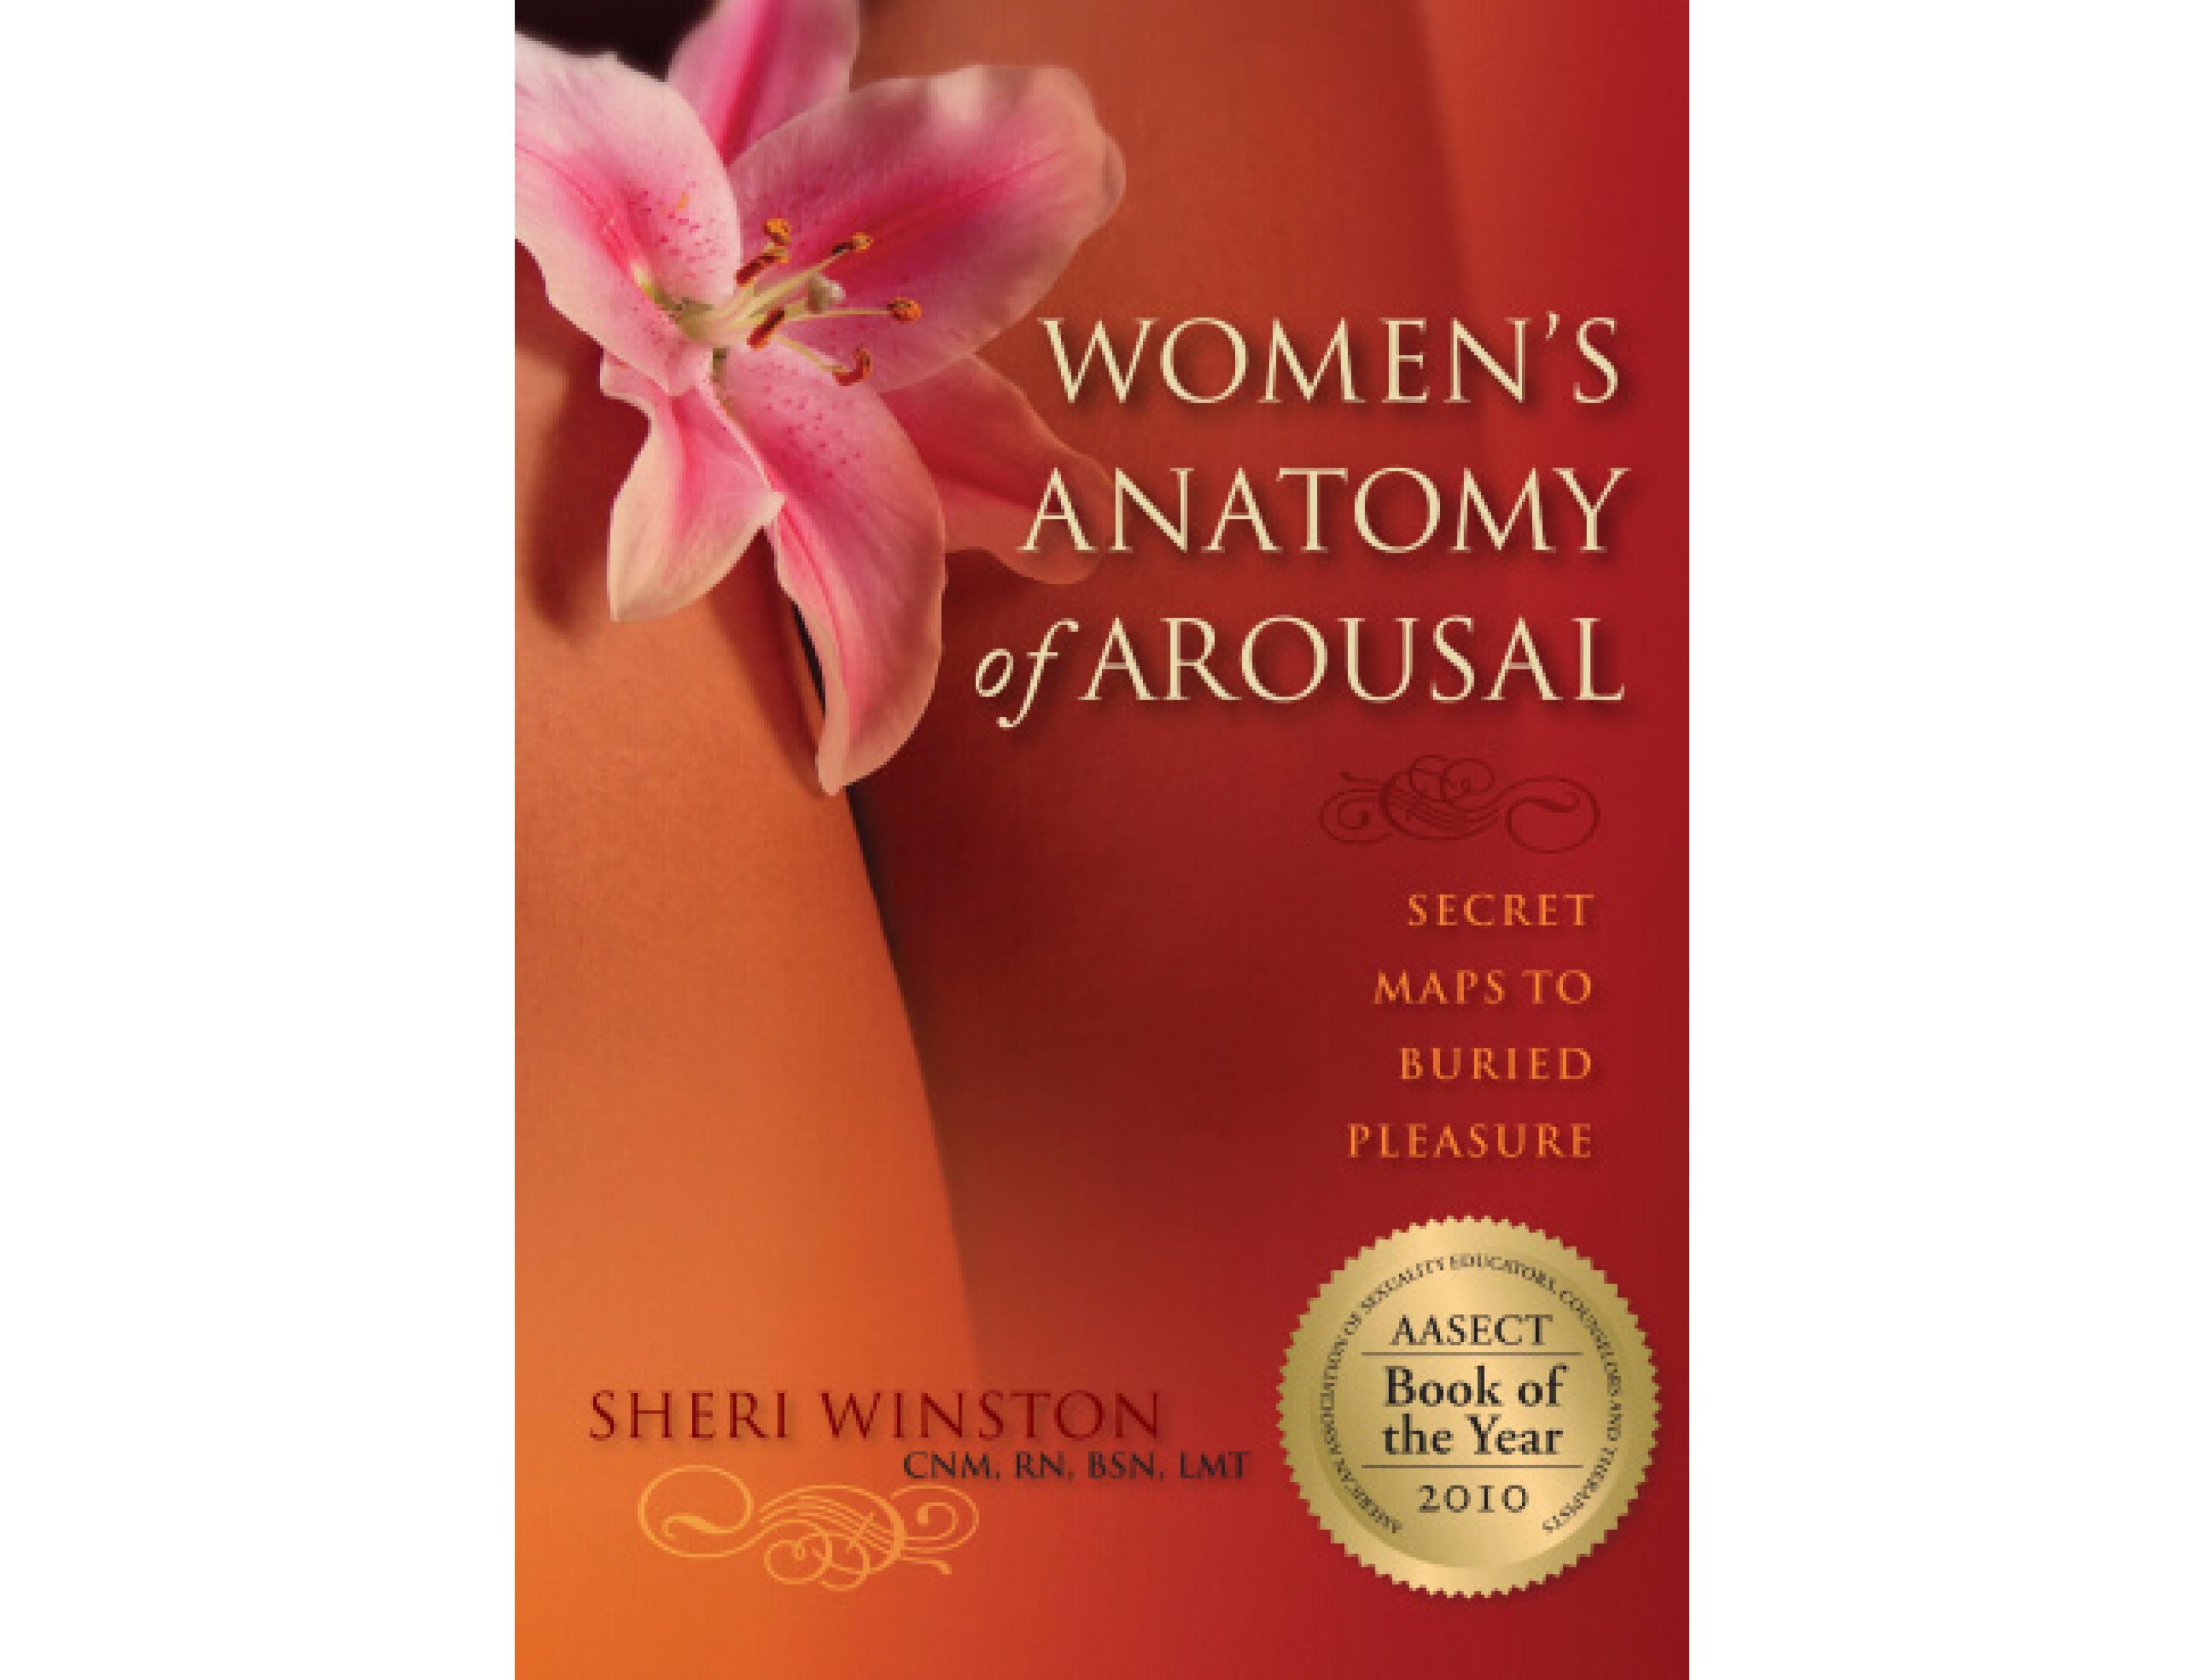 <em>Women's Anatomy of Arousal</em> by Sheri Winston